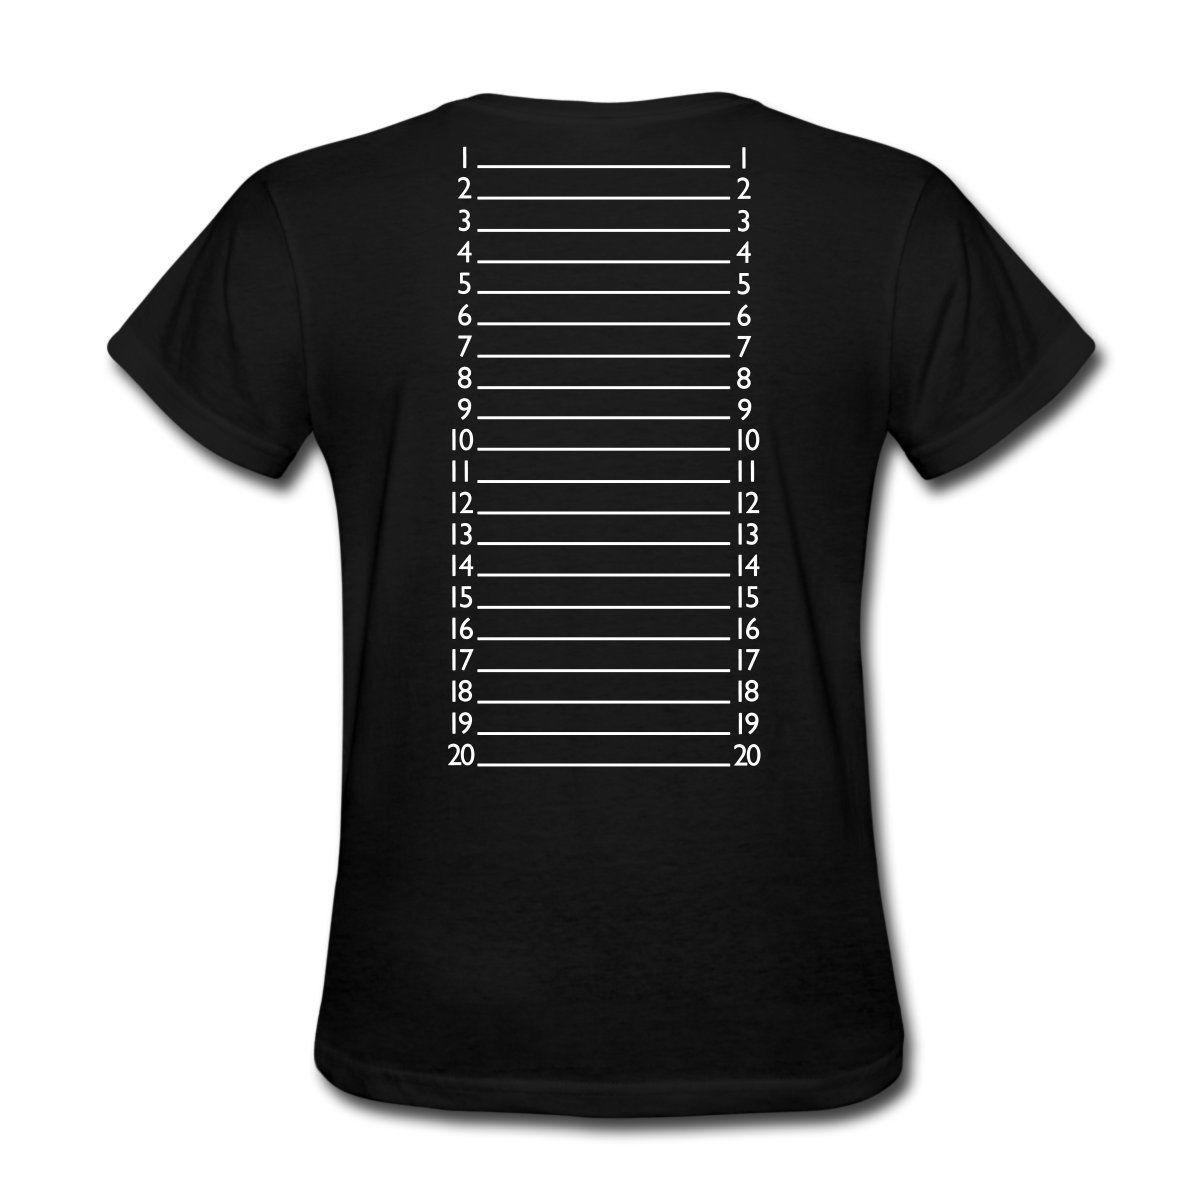 Gildan Rude Top Tee Hair Length Check Marker WomenS O-Neck Short Cotton Shirts